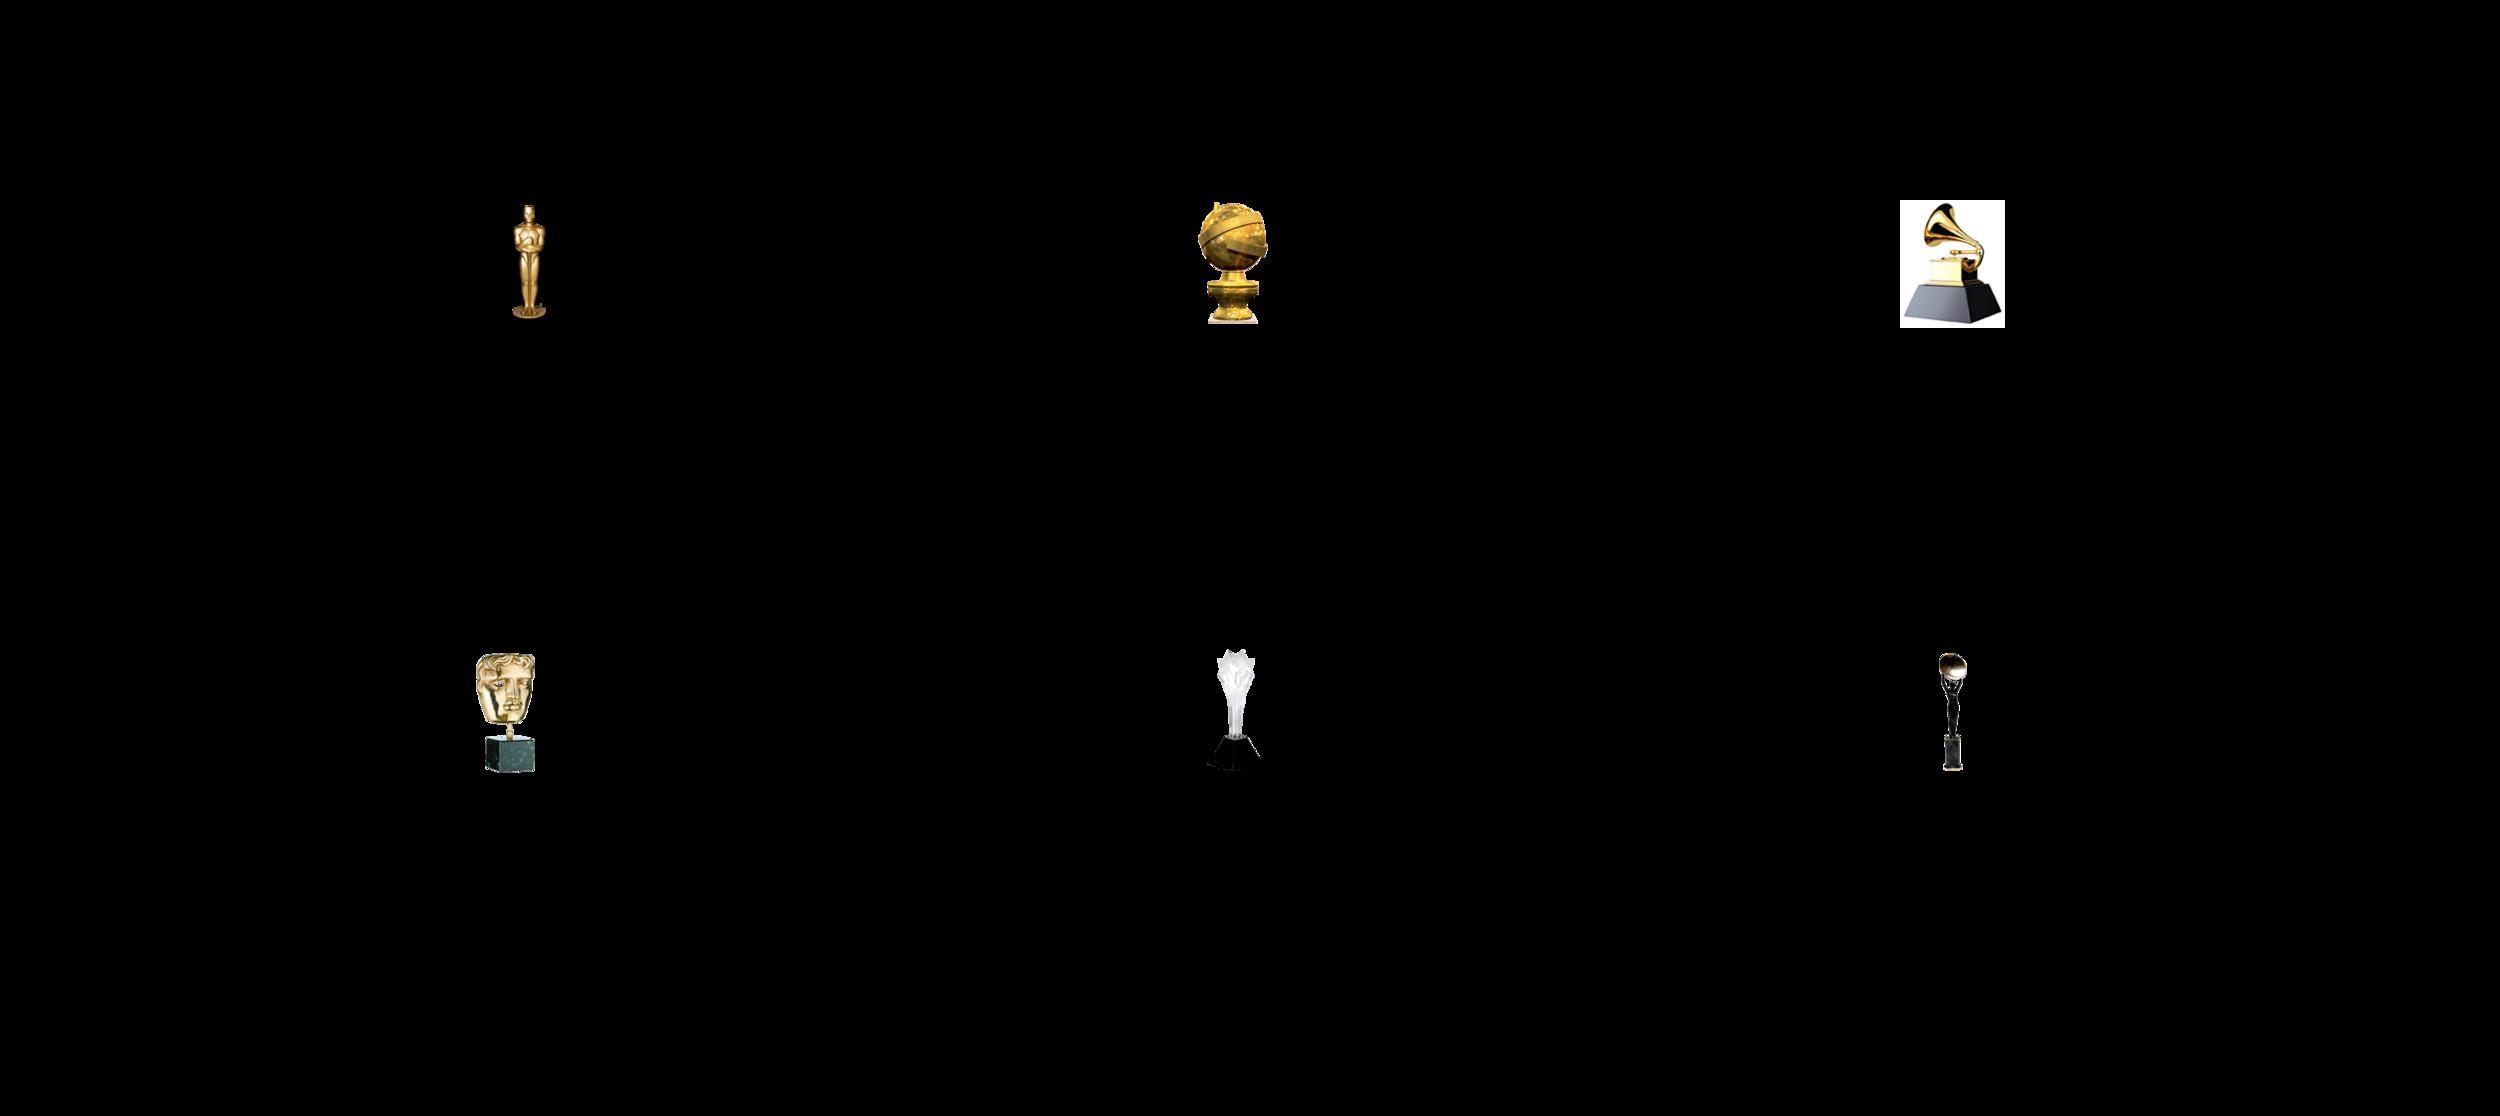 lala-award.png